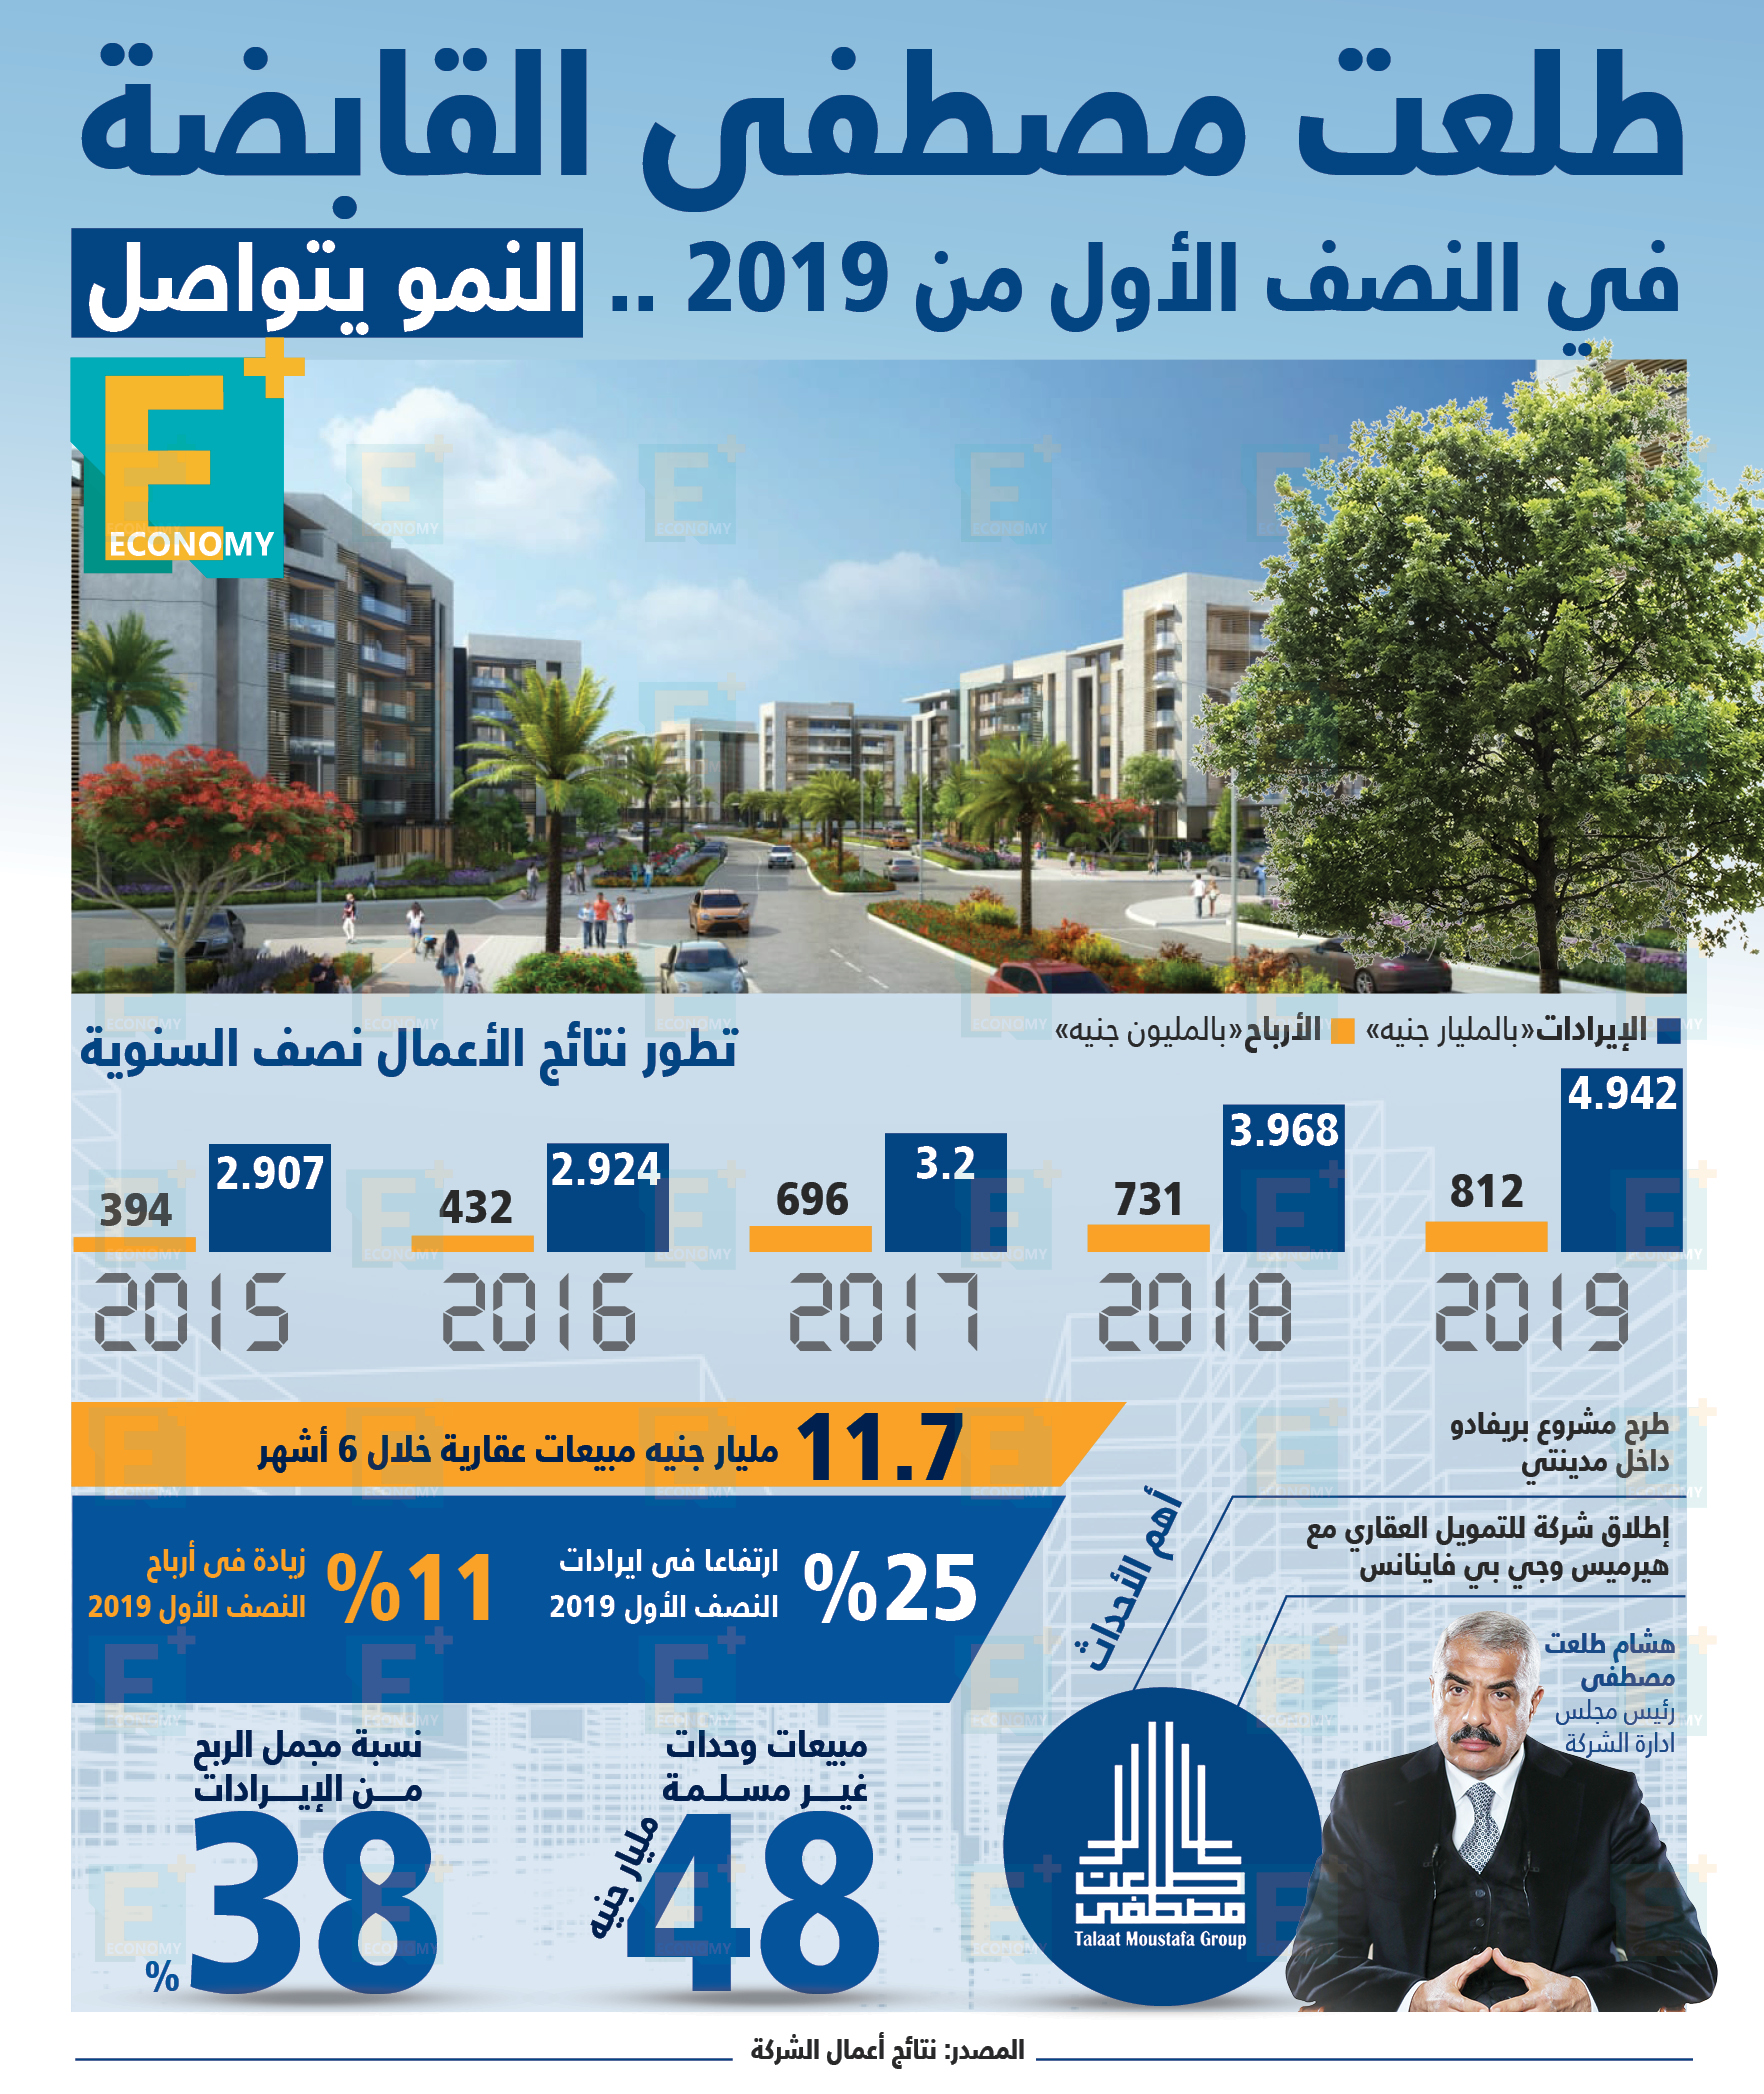 طلعت مصطفى القابضة في النصف الأول من 2019.. النمو يتواصل